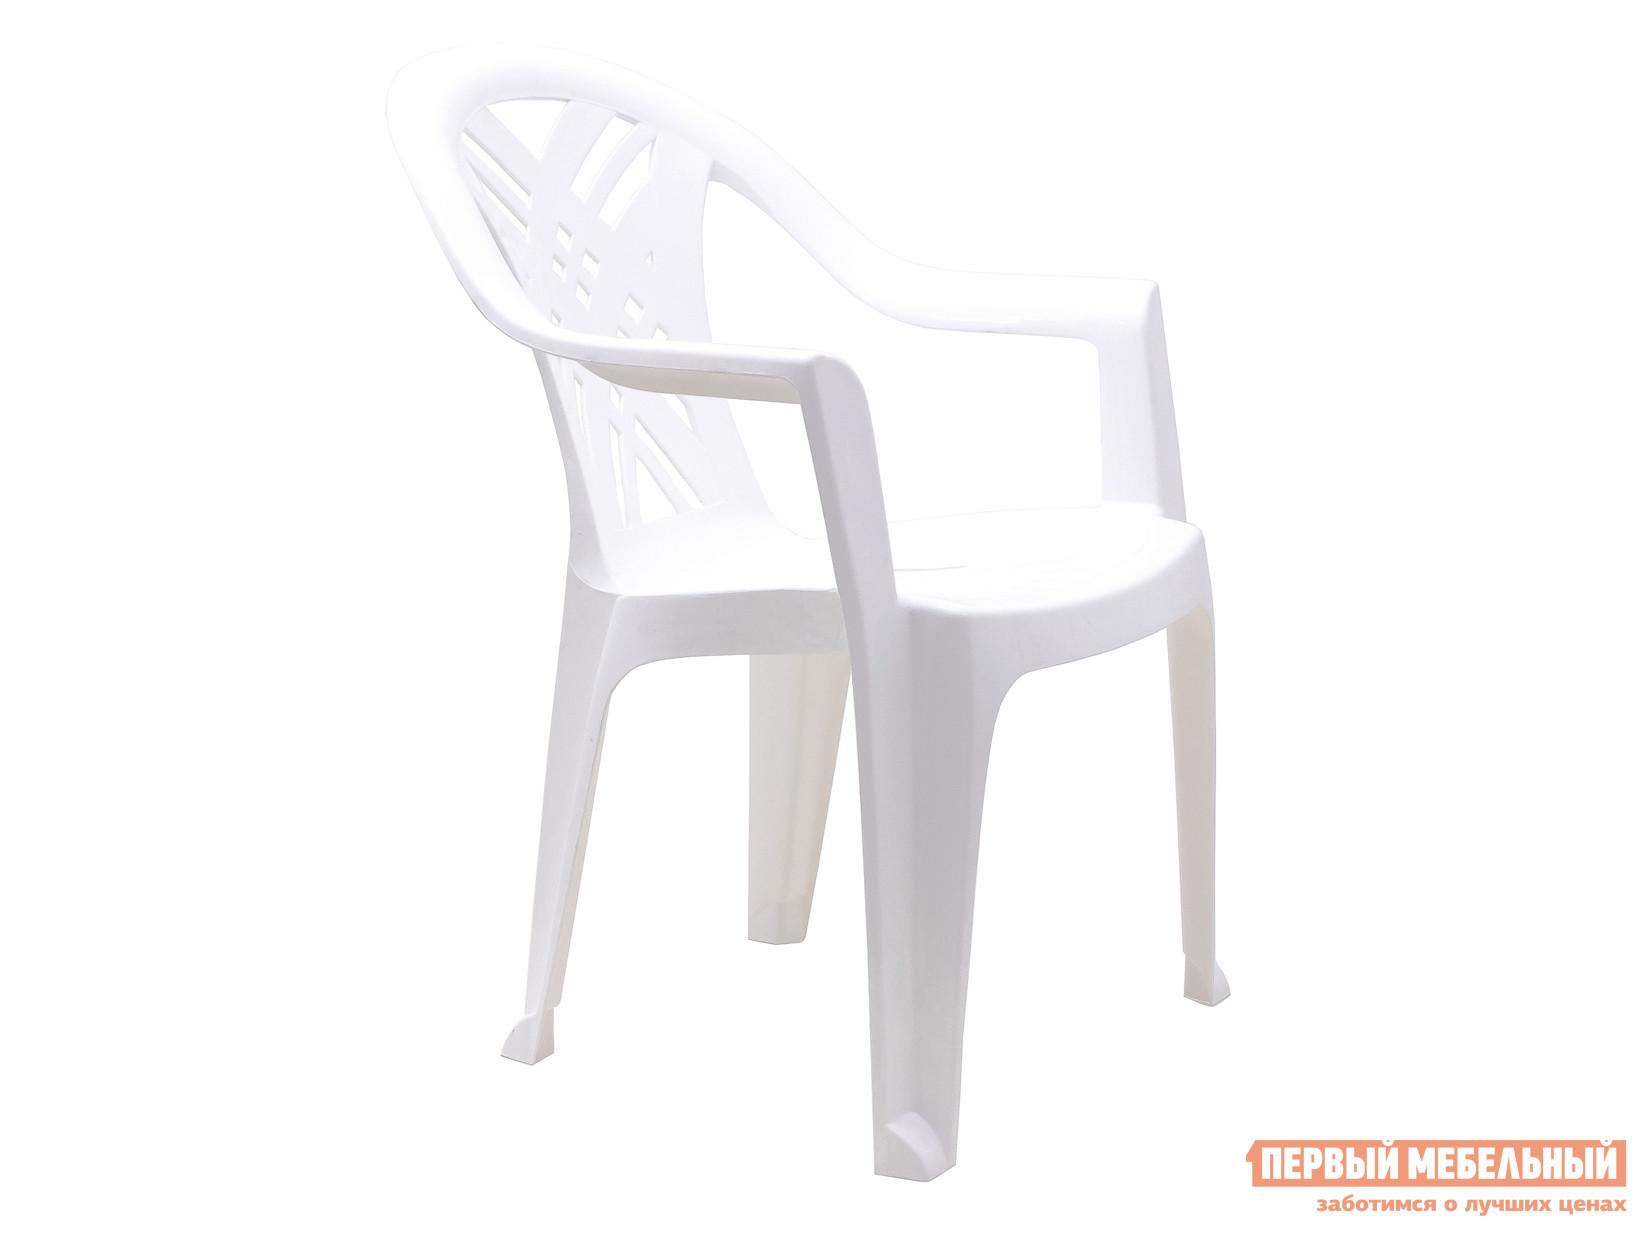 Пластиковый стул Стандарт Пластик Кресло №6 Престиж-2 (660x600x840мм) БелыйПластиковые стулья<br>Габаритные размеры ВхШхГ 840x660x600 мм. Классический пластиковый стул Престиж-2 для отдыха на даче или пикнике.  Также модель подходит для оформления летнего кафе.  Кресло имеет монолитное исполнение, поэтому сразу же готово к эксплуатации.  Плавные подлокотники обеспечат дополнительное удобство.  Еще одно преимущество изделия — вентиляционные отверстия в спинке и сиденье, что важно в жаркое время года.  Несколько стульев удобно хранить друг в друге в виде стопки. Глубина сиденья составляет 380 мм. Ширина сиденья между подлокотниками в самом узком месте — 360 мм, в самом широком — 420 мм. Пластиковый стул выдерживает нагрузку до 120 кг, он прочный и при грамотной эксплуатации готов служить несколько сезонов.  Также изделия из пластика идеально подходят для размещения на улице, так как они не боятся влаги и летней жары. В нашем магазине представлен большой выбор расцветок стула Престиж-2.  Все модели в наличии, поэтому вы будете приятно удивлены быстрыми сроками доставки.<br><br>Цвет: Белый<br>Высота мм: 840<br>Ширина мм: 660<br>Глубина мм: 600<br>Кол-во упаковок: 1<br>Форма поставки: В собранном виде<br>Срок гарантии: 1 год<br>С подлокотниками: Да